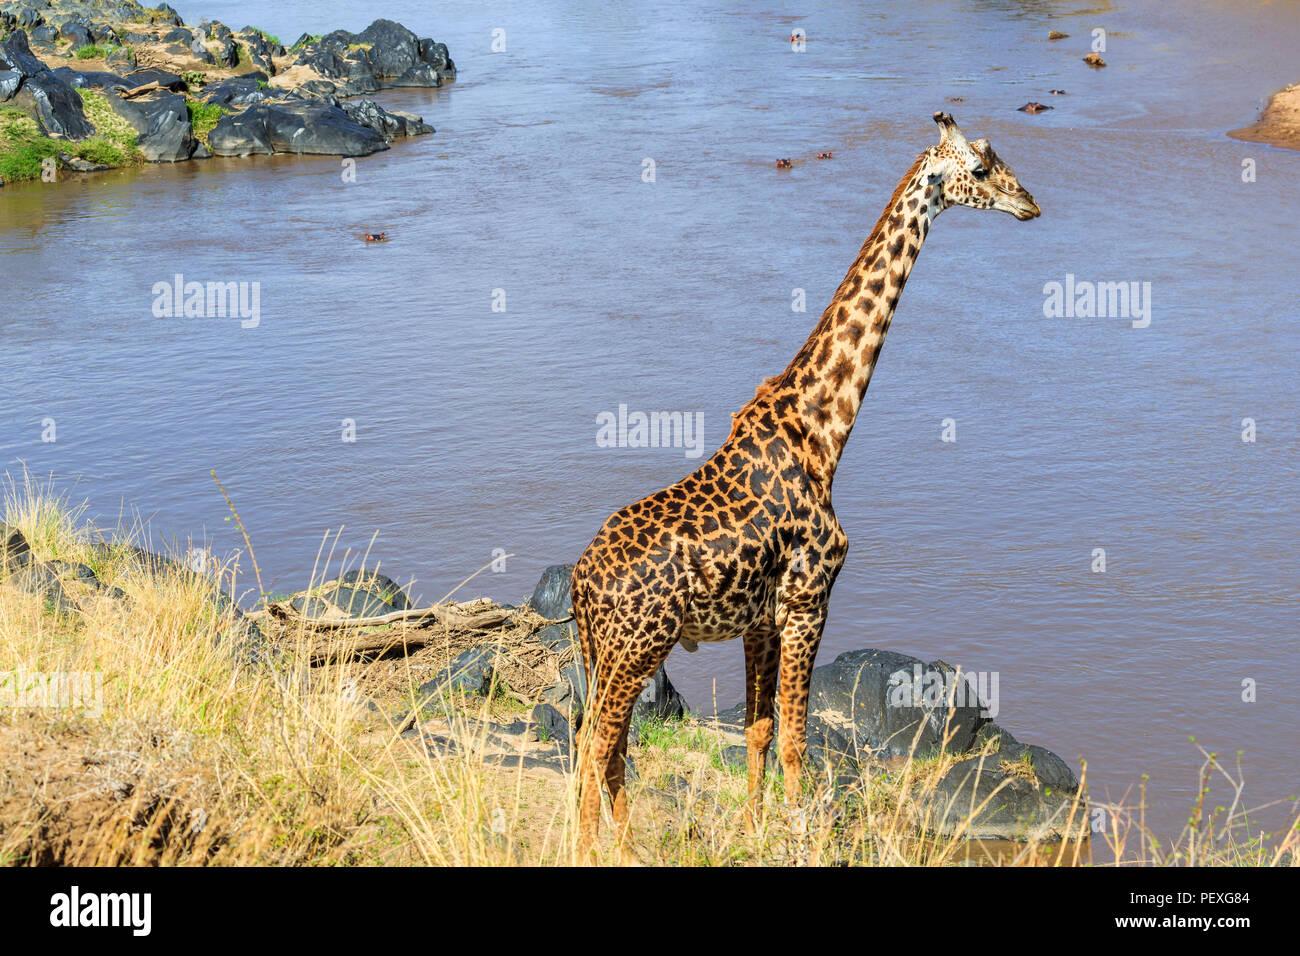 Tall maschio giraffa Masai (Giraffa camelopardalis tippelskirchi) utilizza il suo lungo collo per guardare oltre il fiume di Mara dalla riva, Masai Mara Kenya Immagini Stock